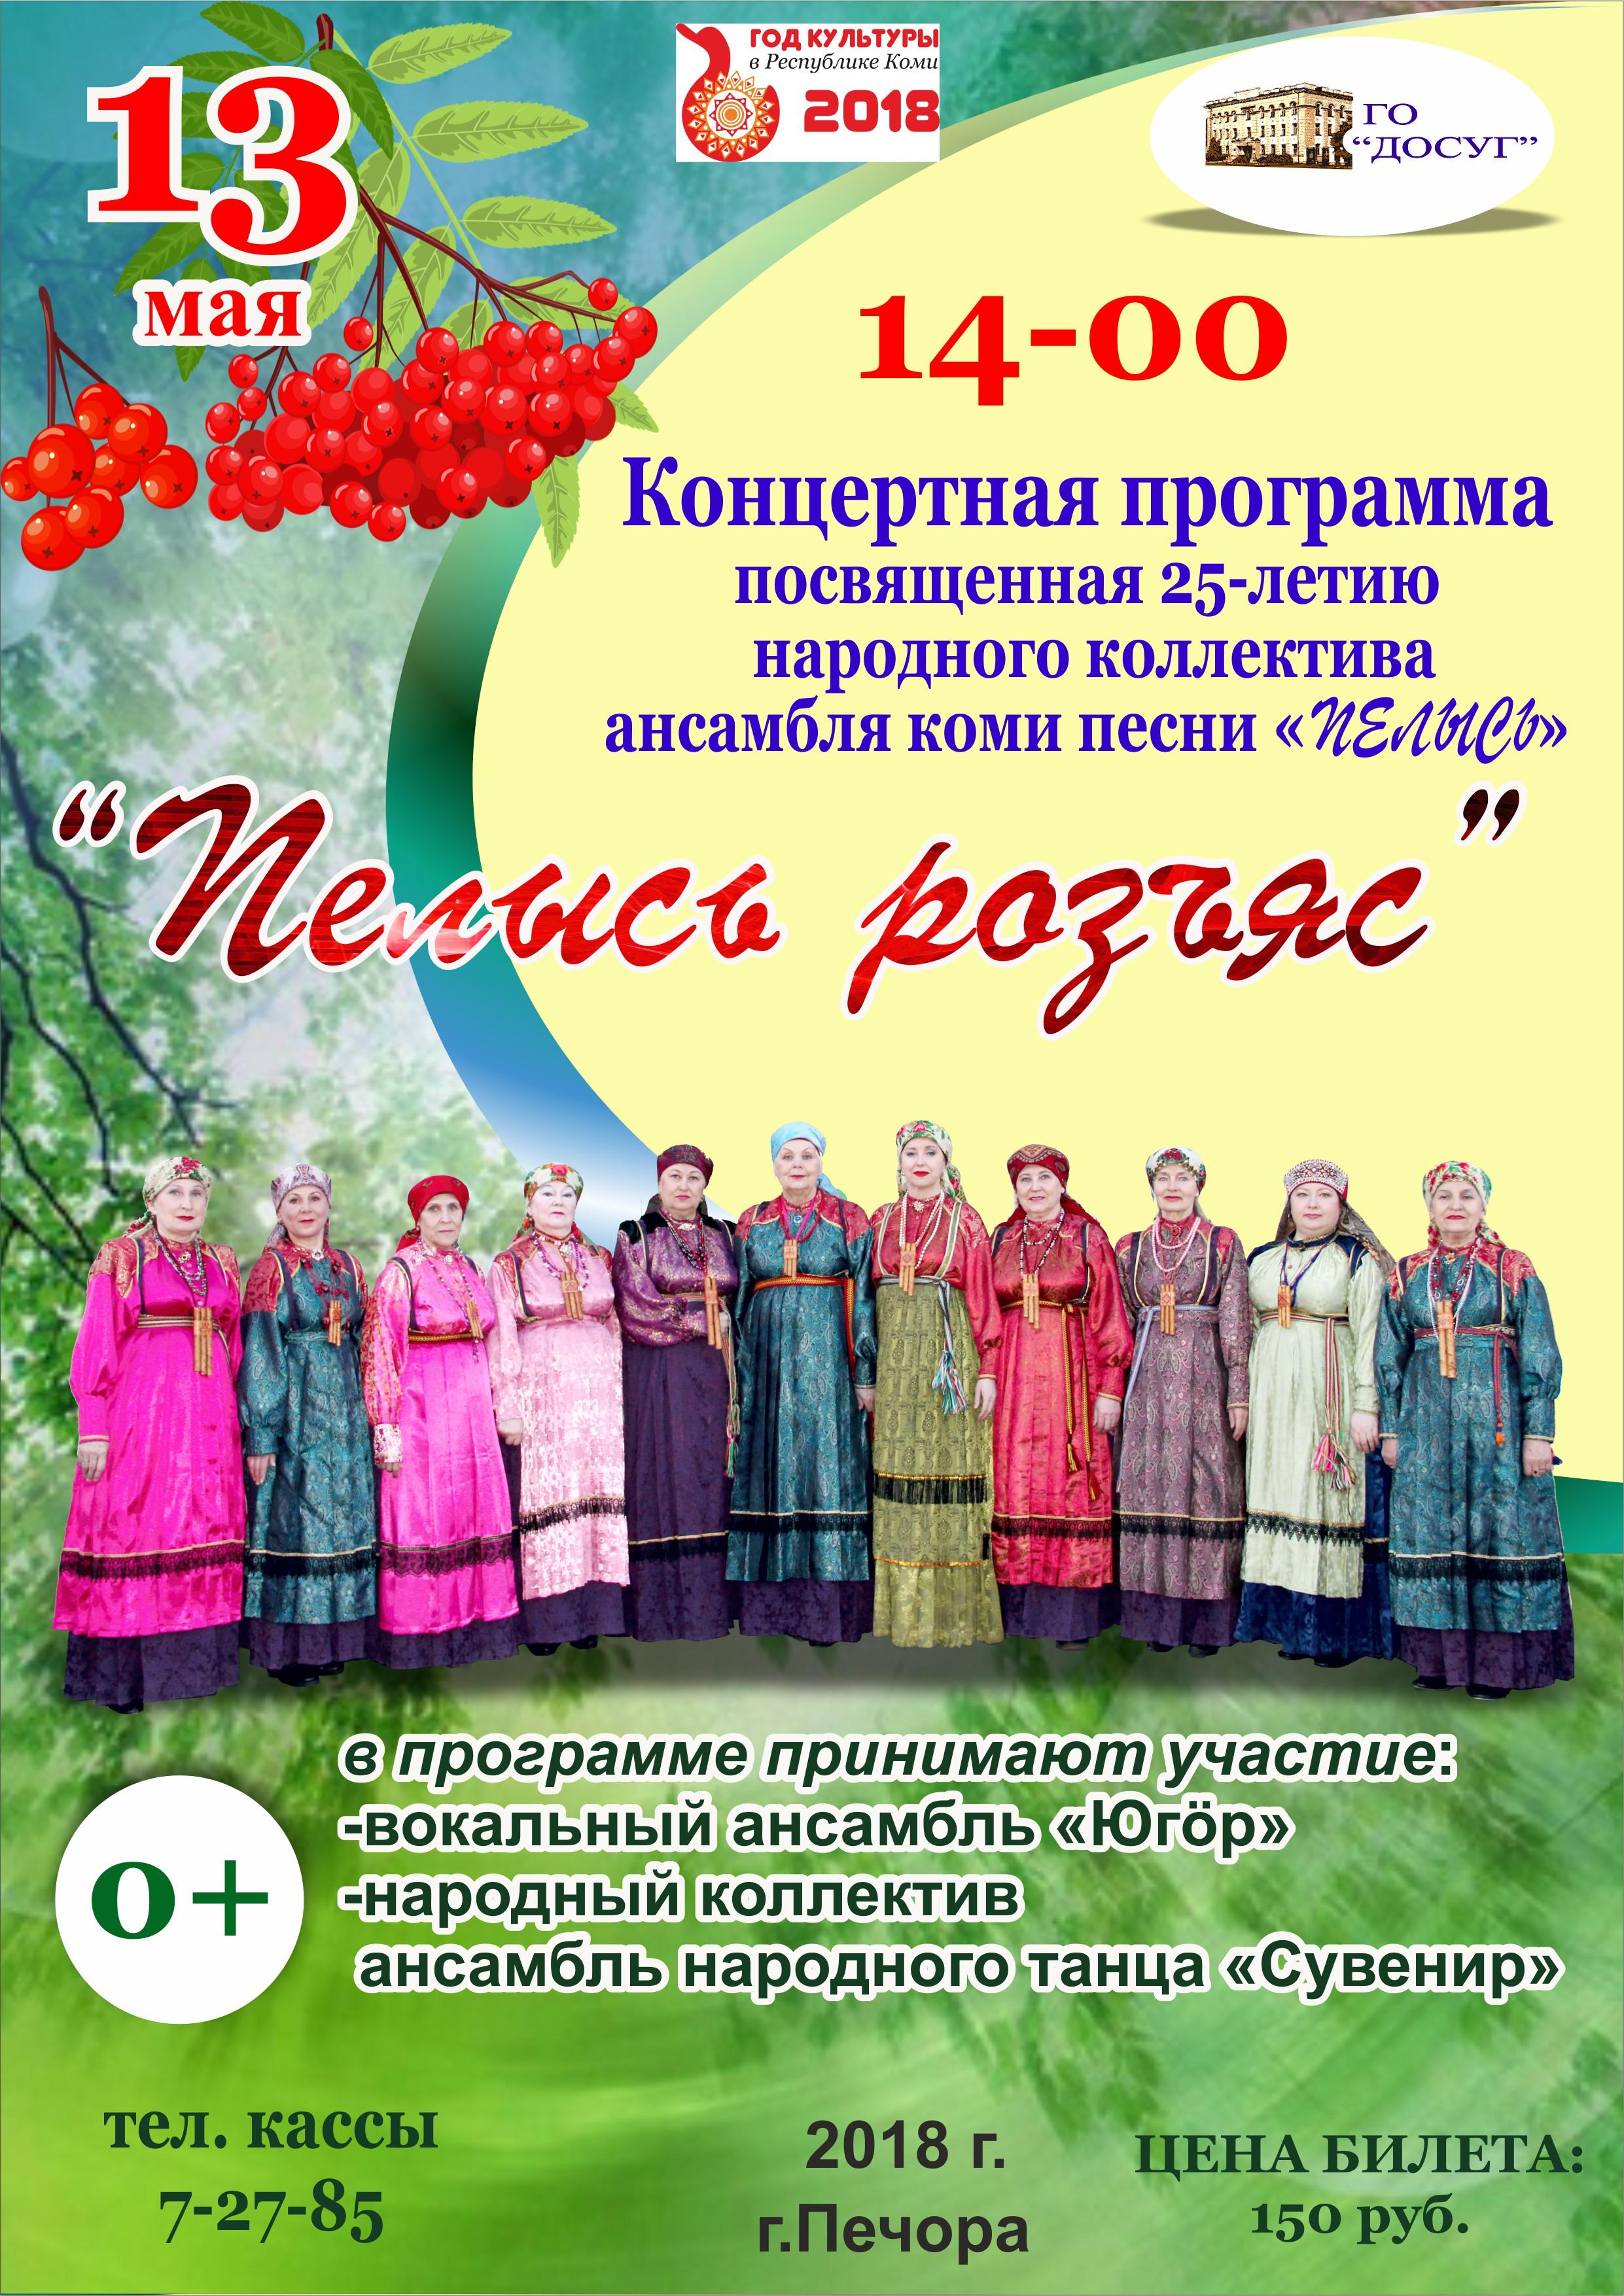 Центр досуга и кино печора афиша где купить билеты на концерты в севастополе